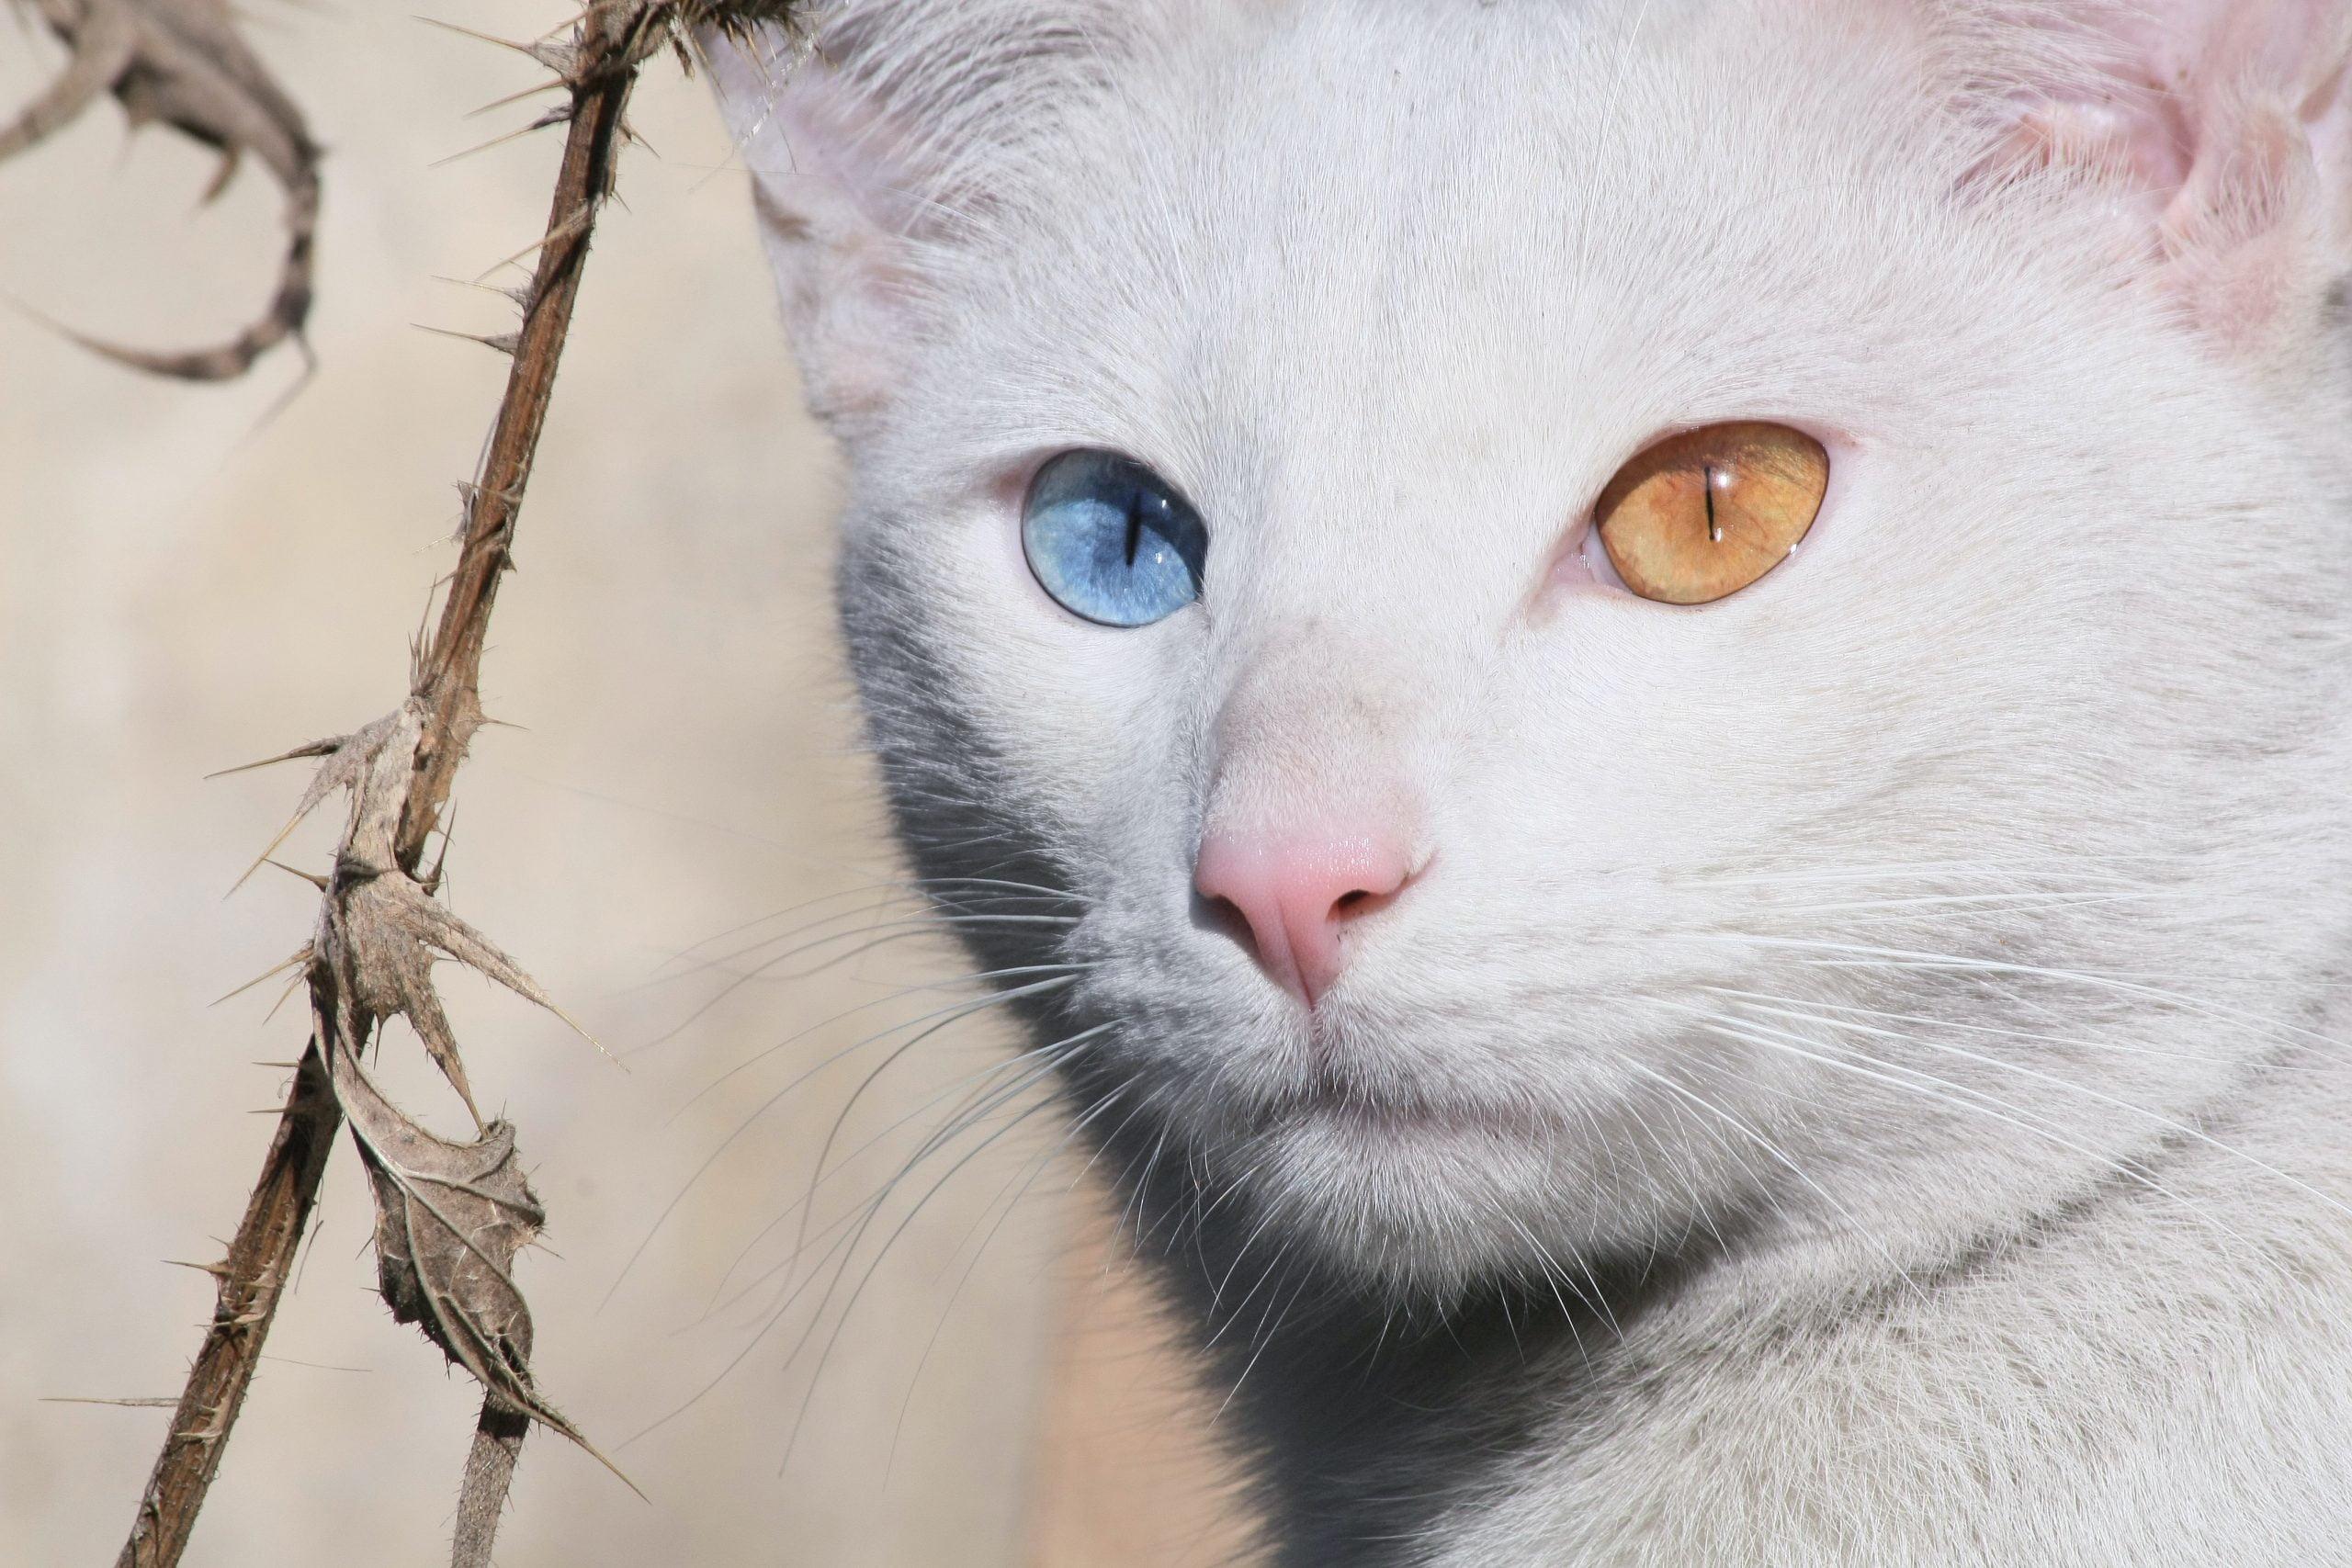 ¿Cuándo cambian de color los ojos de los gatitos? 1